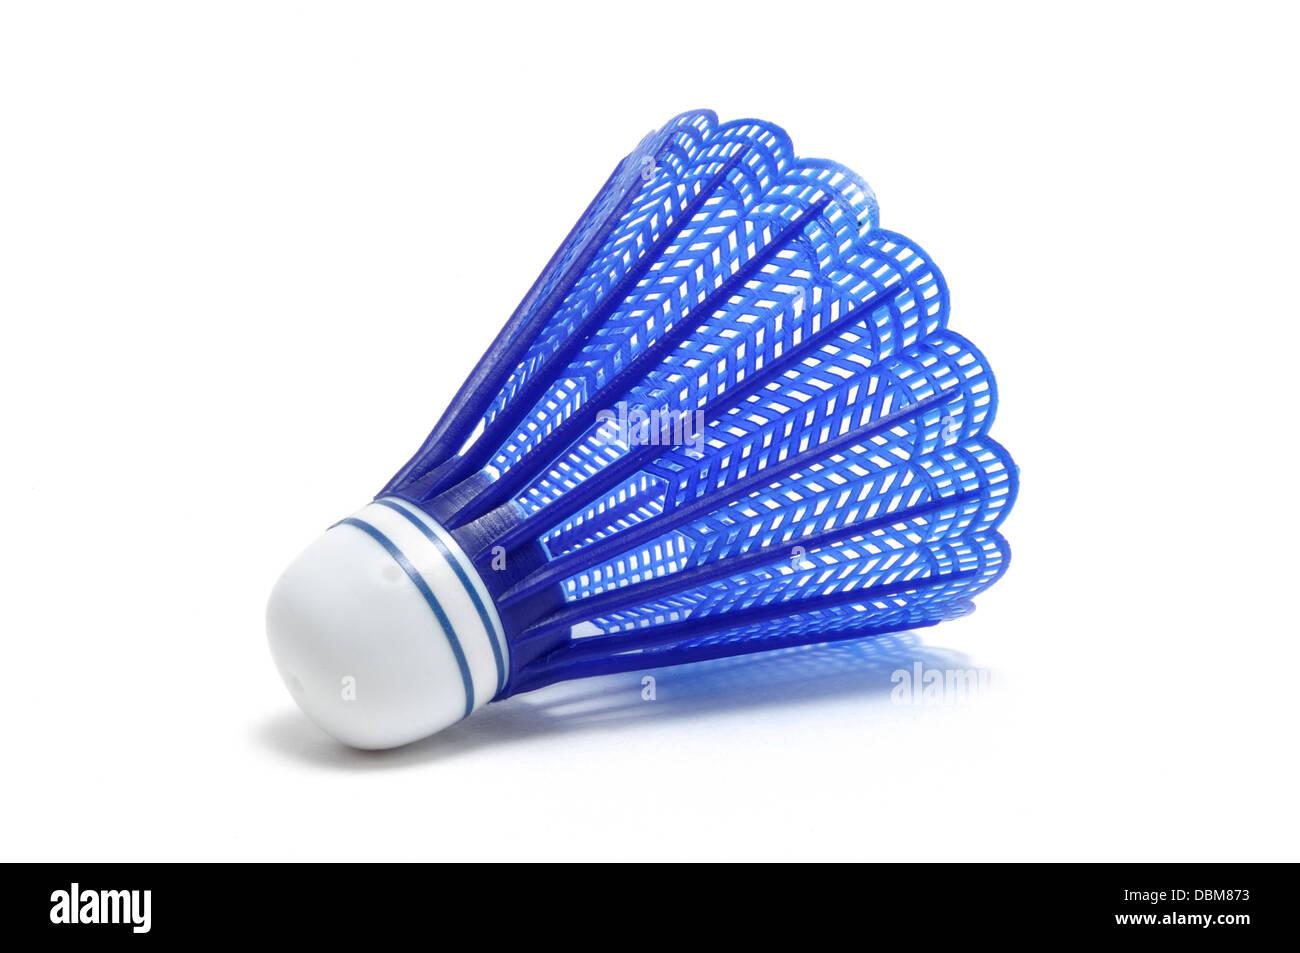 Blue Badminton volano (Birdie) isolato su bianco Immagini Stock